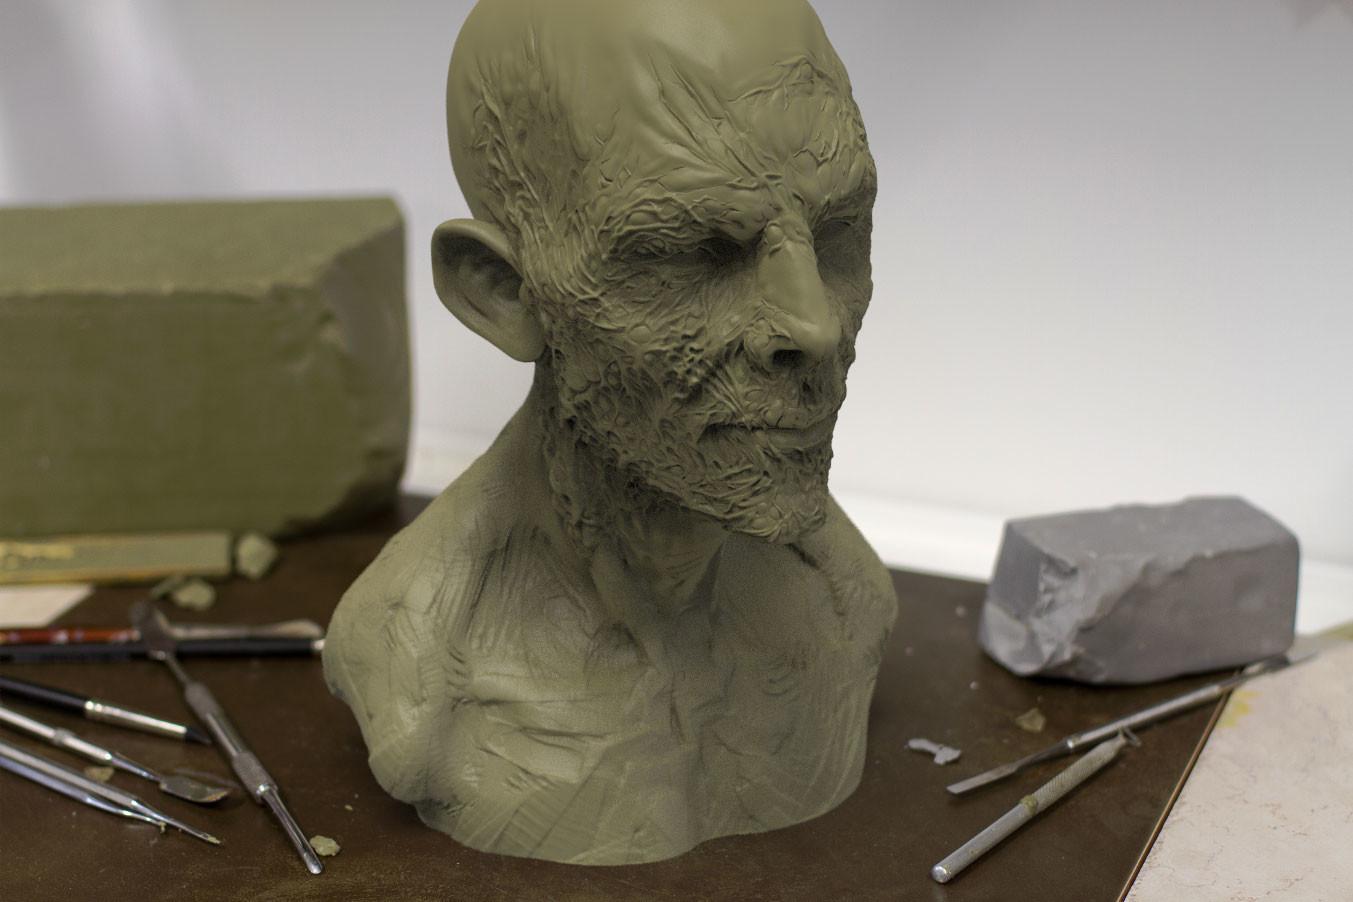 Sculpting WIP - Keyshot render